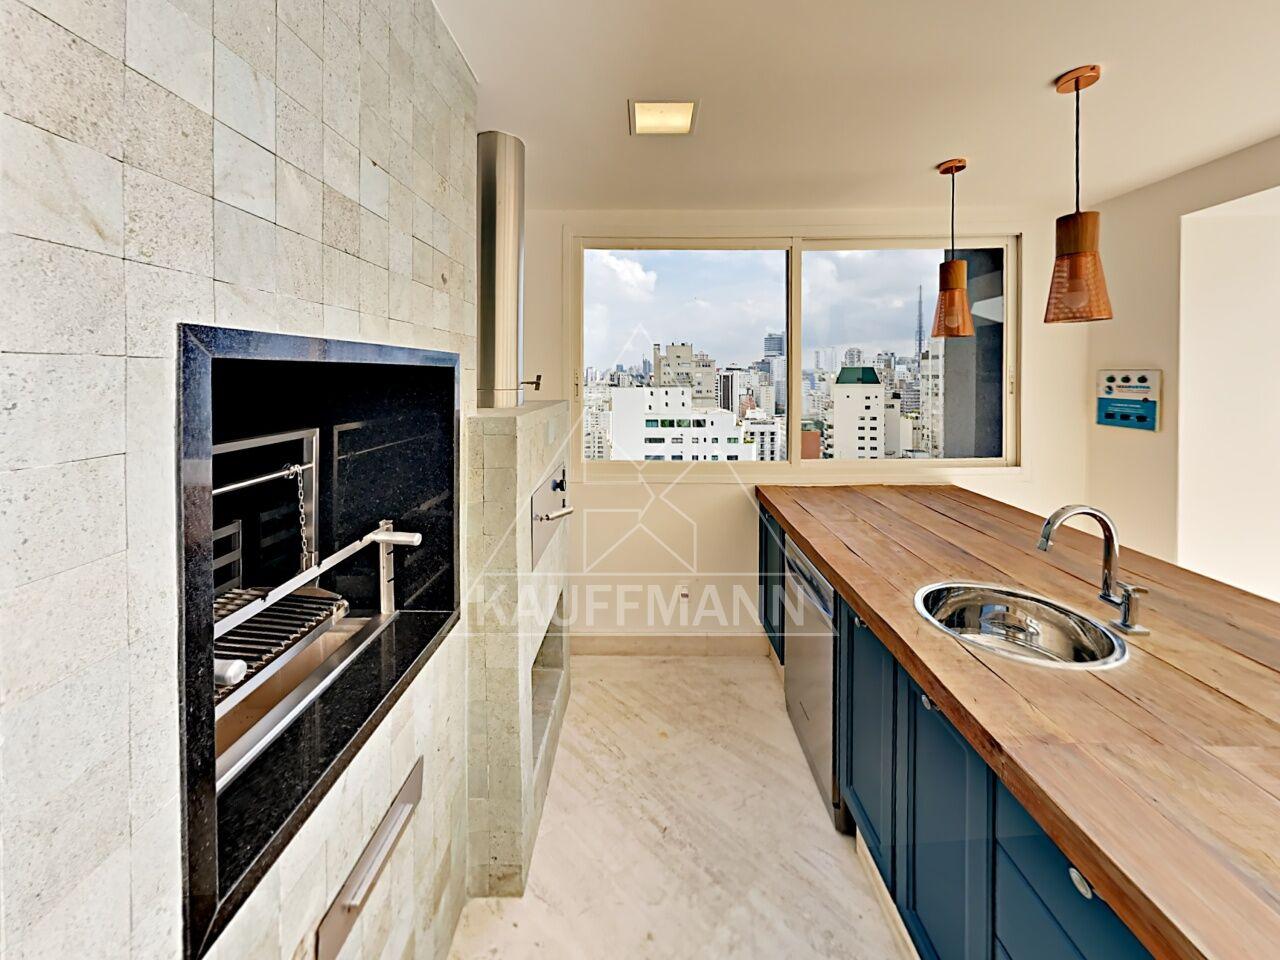 apartamento-venda-sao-paulo-jardim-america-regency-6dormitorios-6suites-7vagas-1099m2-Foto7